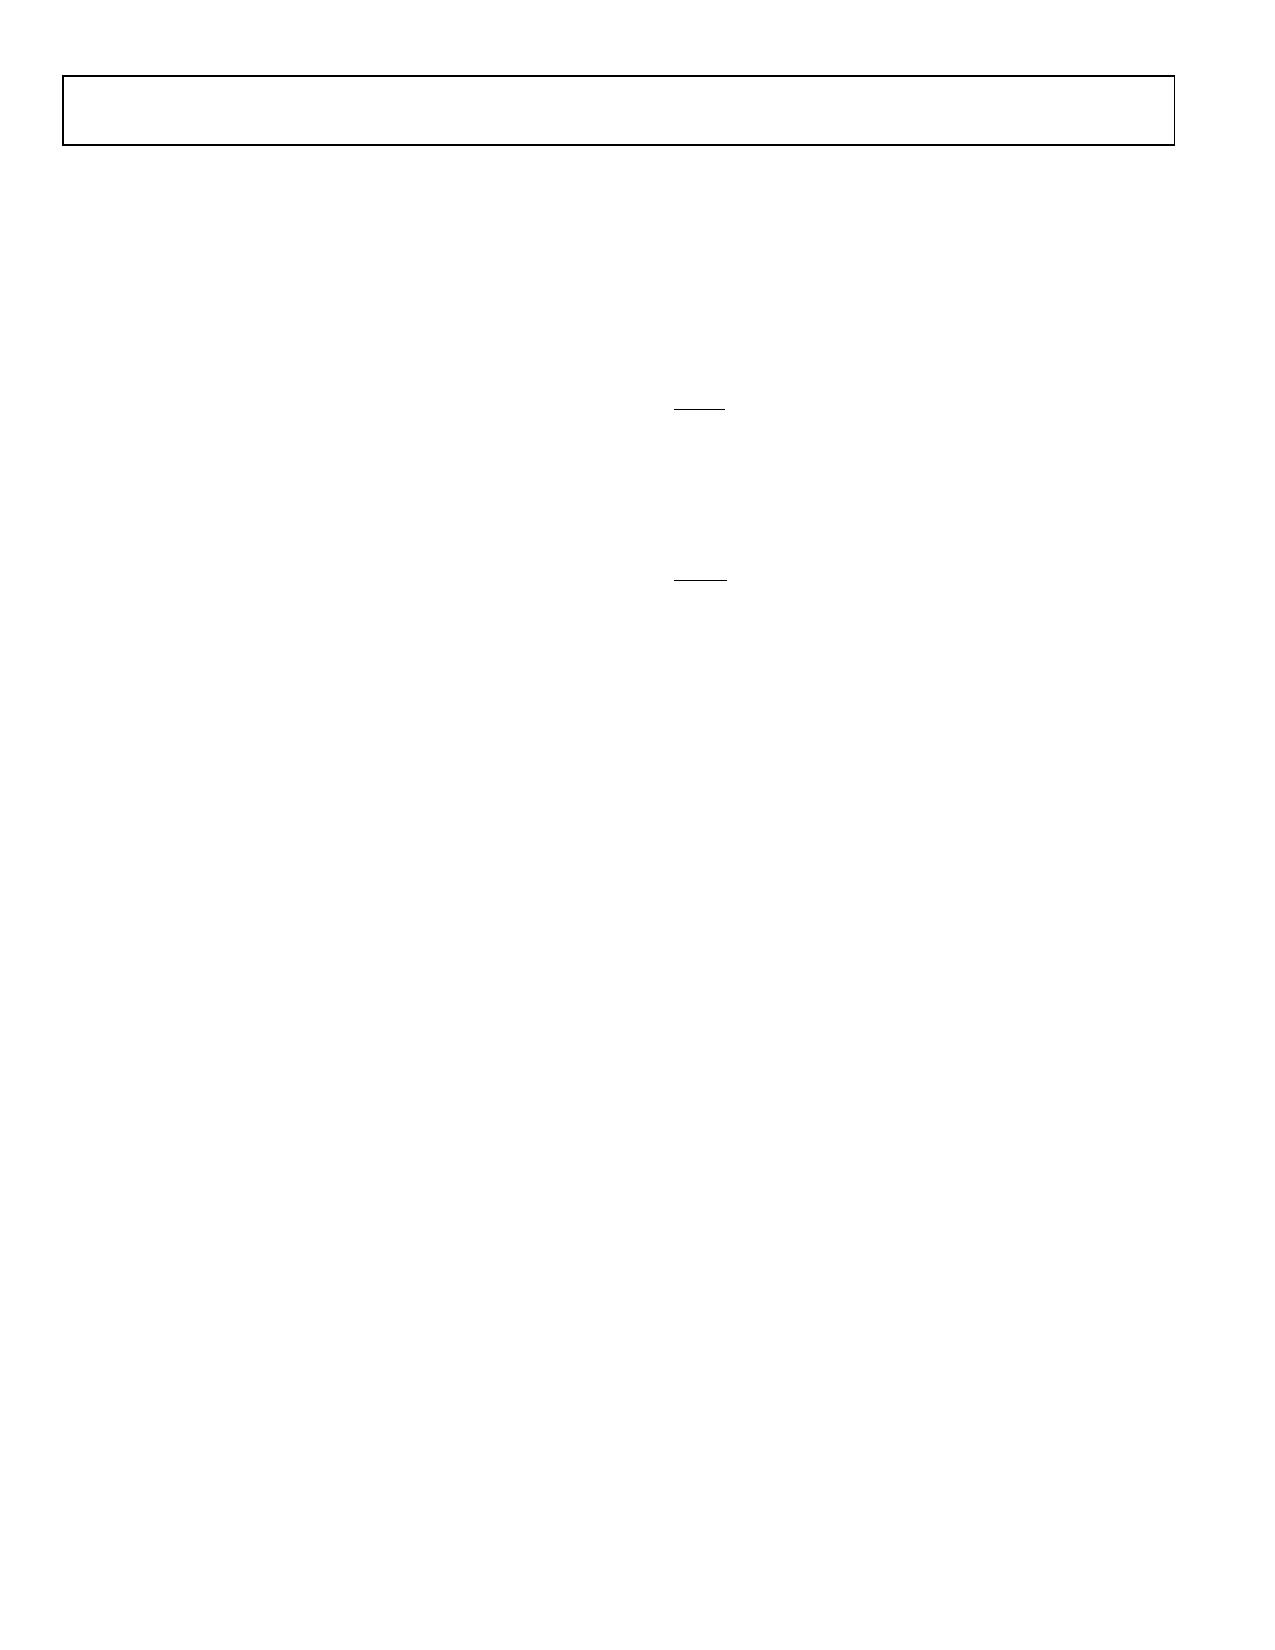 AD5668 Даташит, Описание, Даташиты